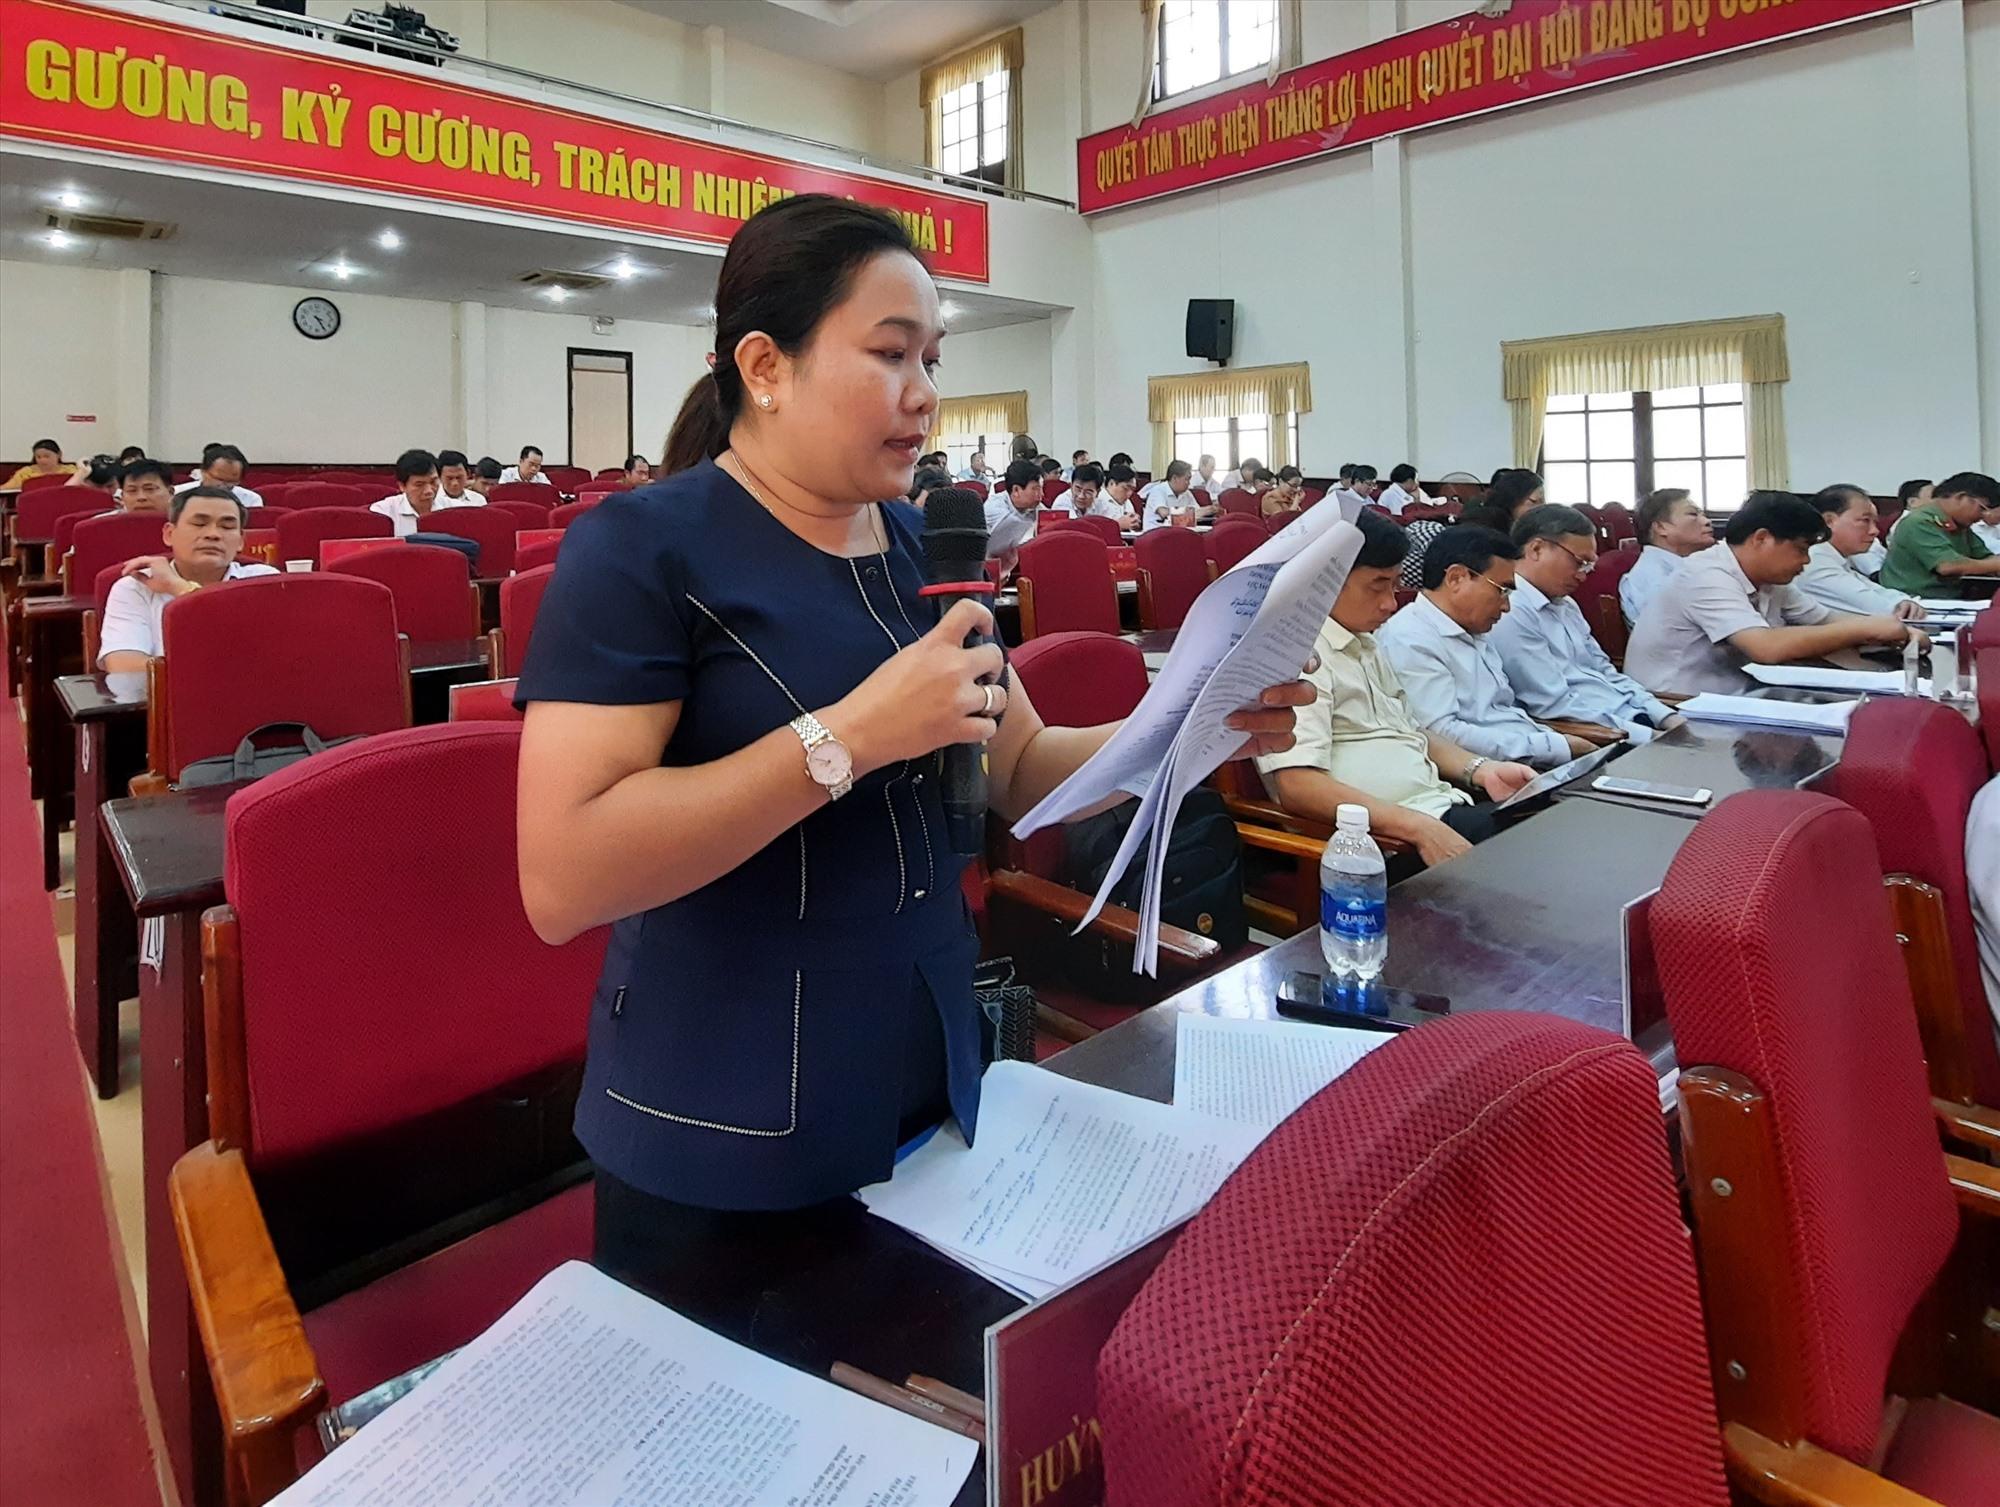 Đại biểu thảo luận tại Hội nghị Tỉnh ủy lần thứ 19 diễn ra cuối tuần qua. Ảnh: N.Đ